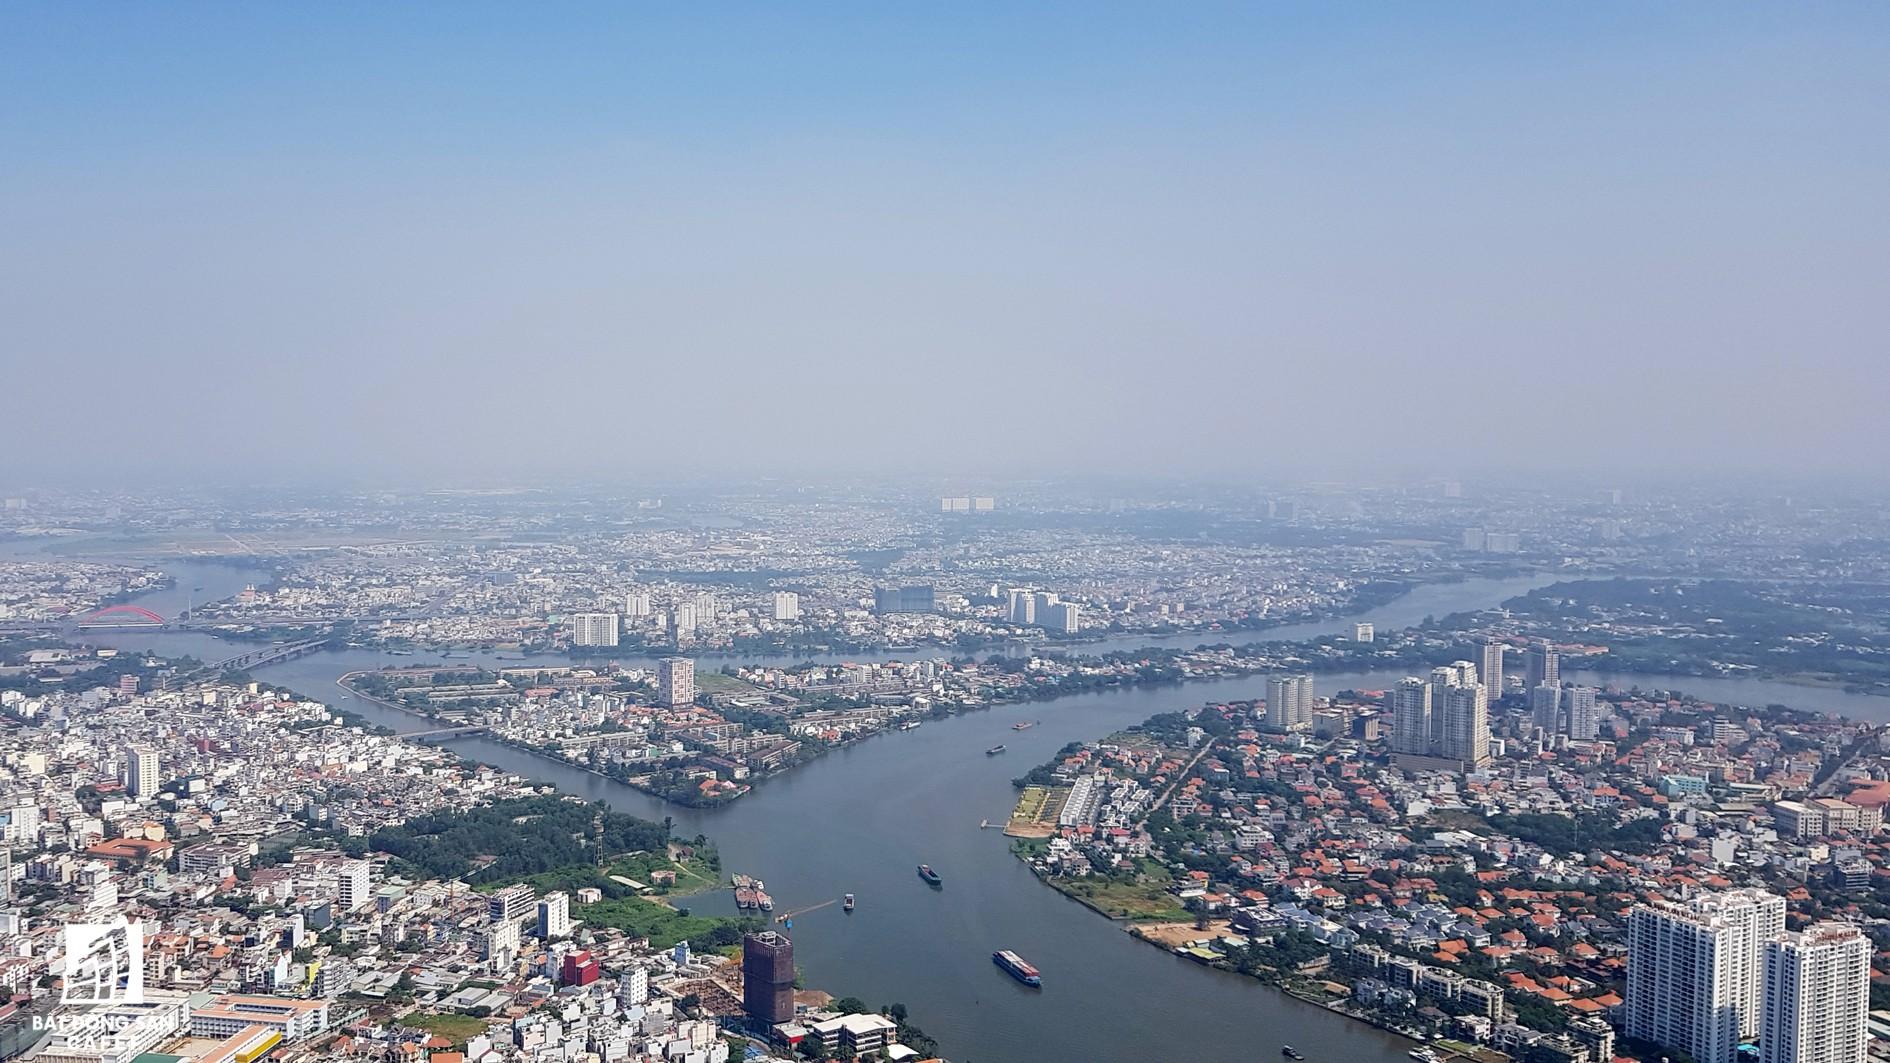 Toàn cảnh đô thị trung tâm Sài Gòn nhìn từ đỉnh tòa nhà cao nhất Việt Nam - Ảnh 9.